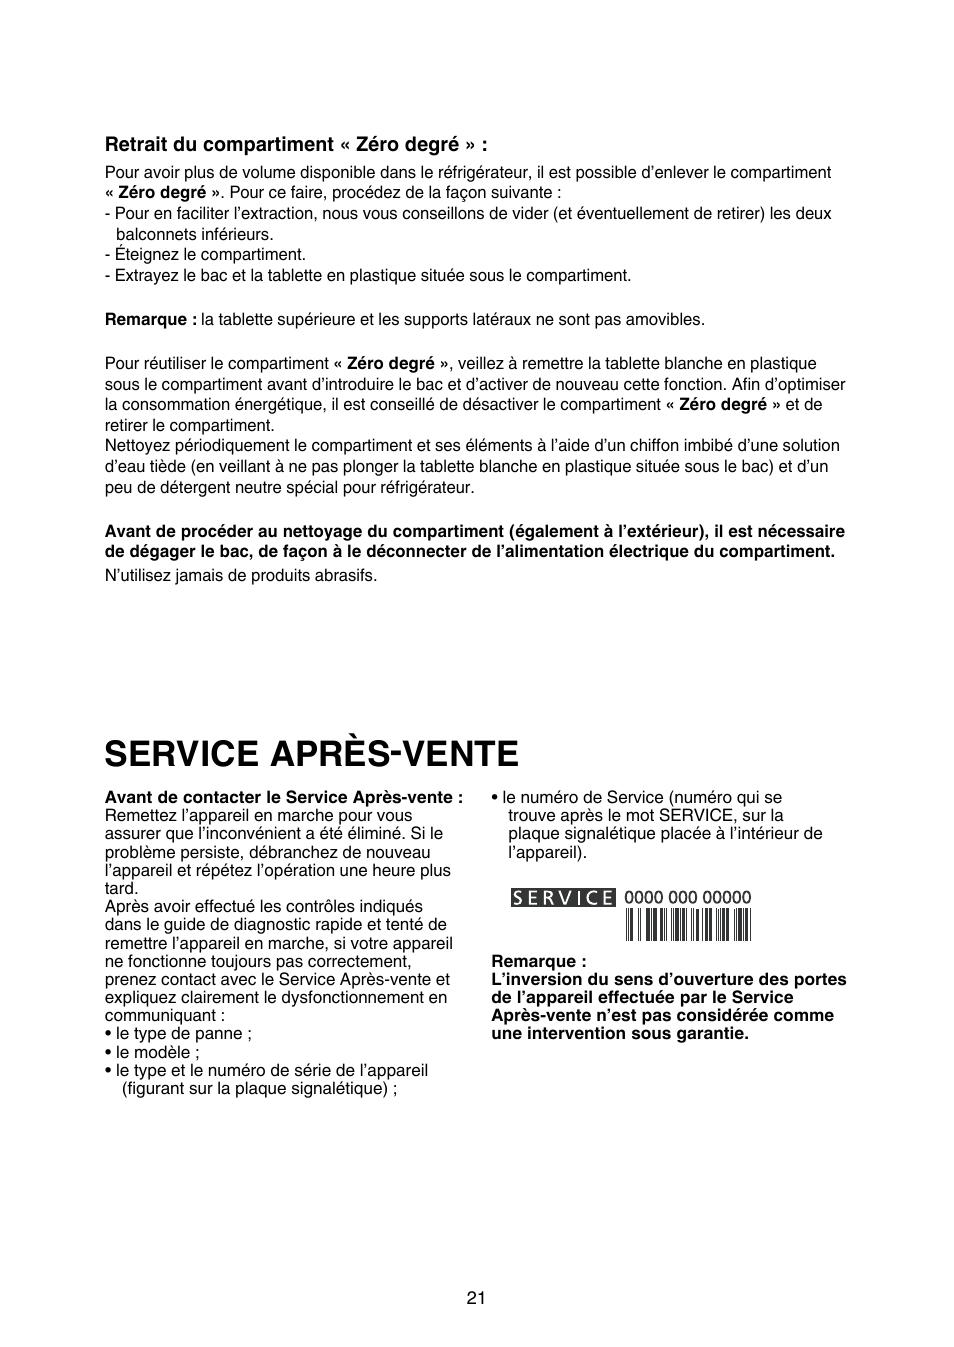 service après-vente   whirlpool art 883-a+-nf manuel d'utilisation